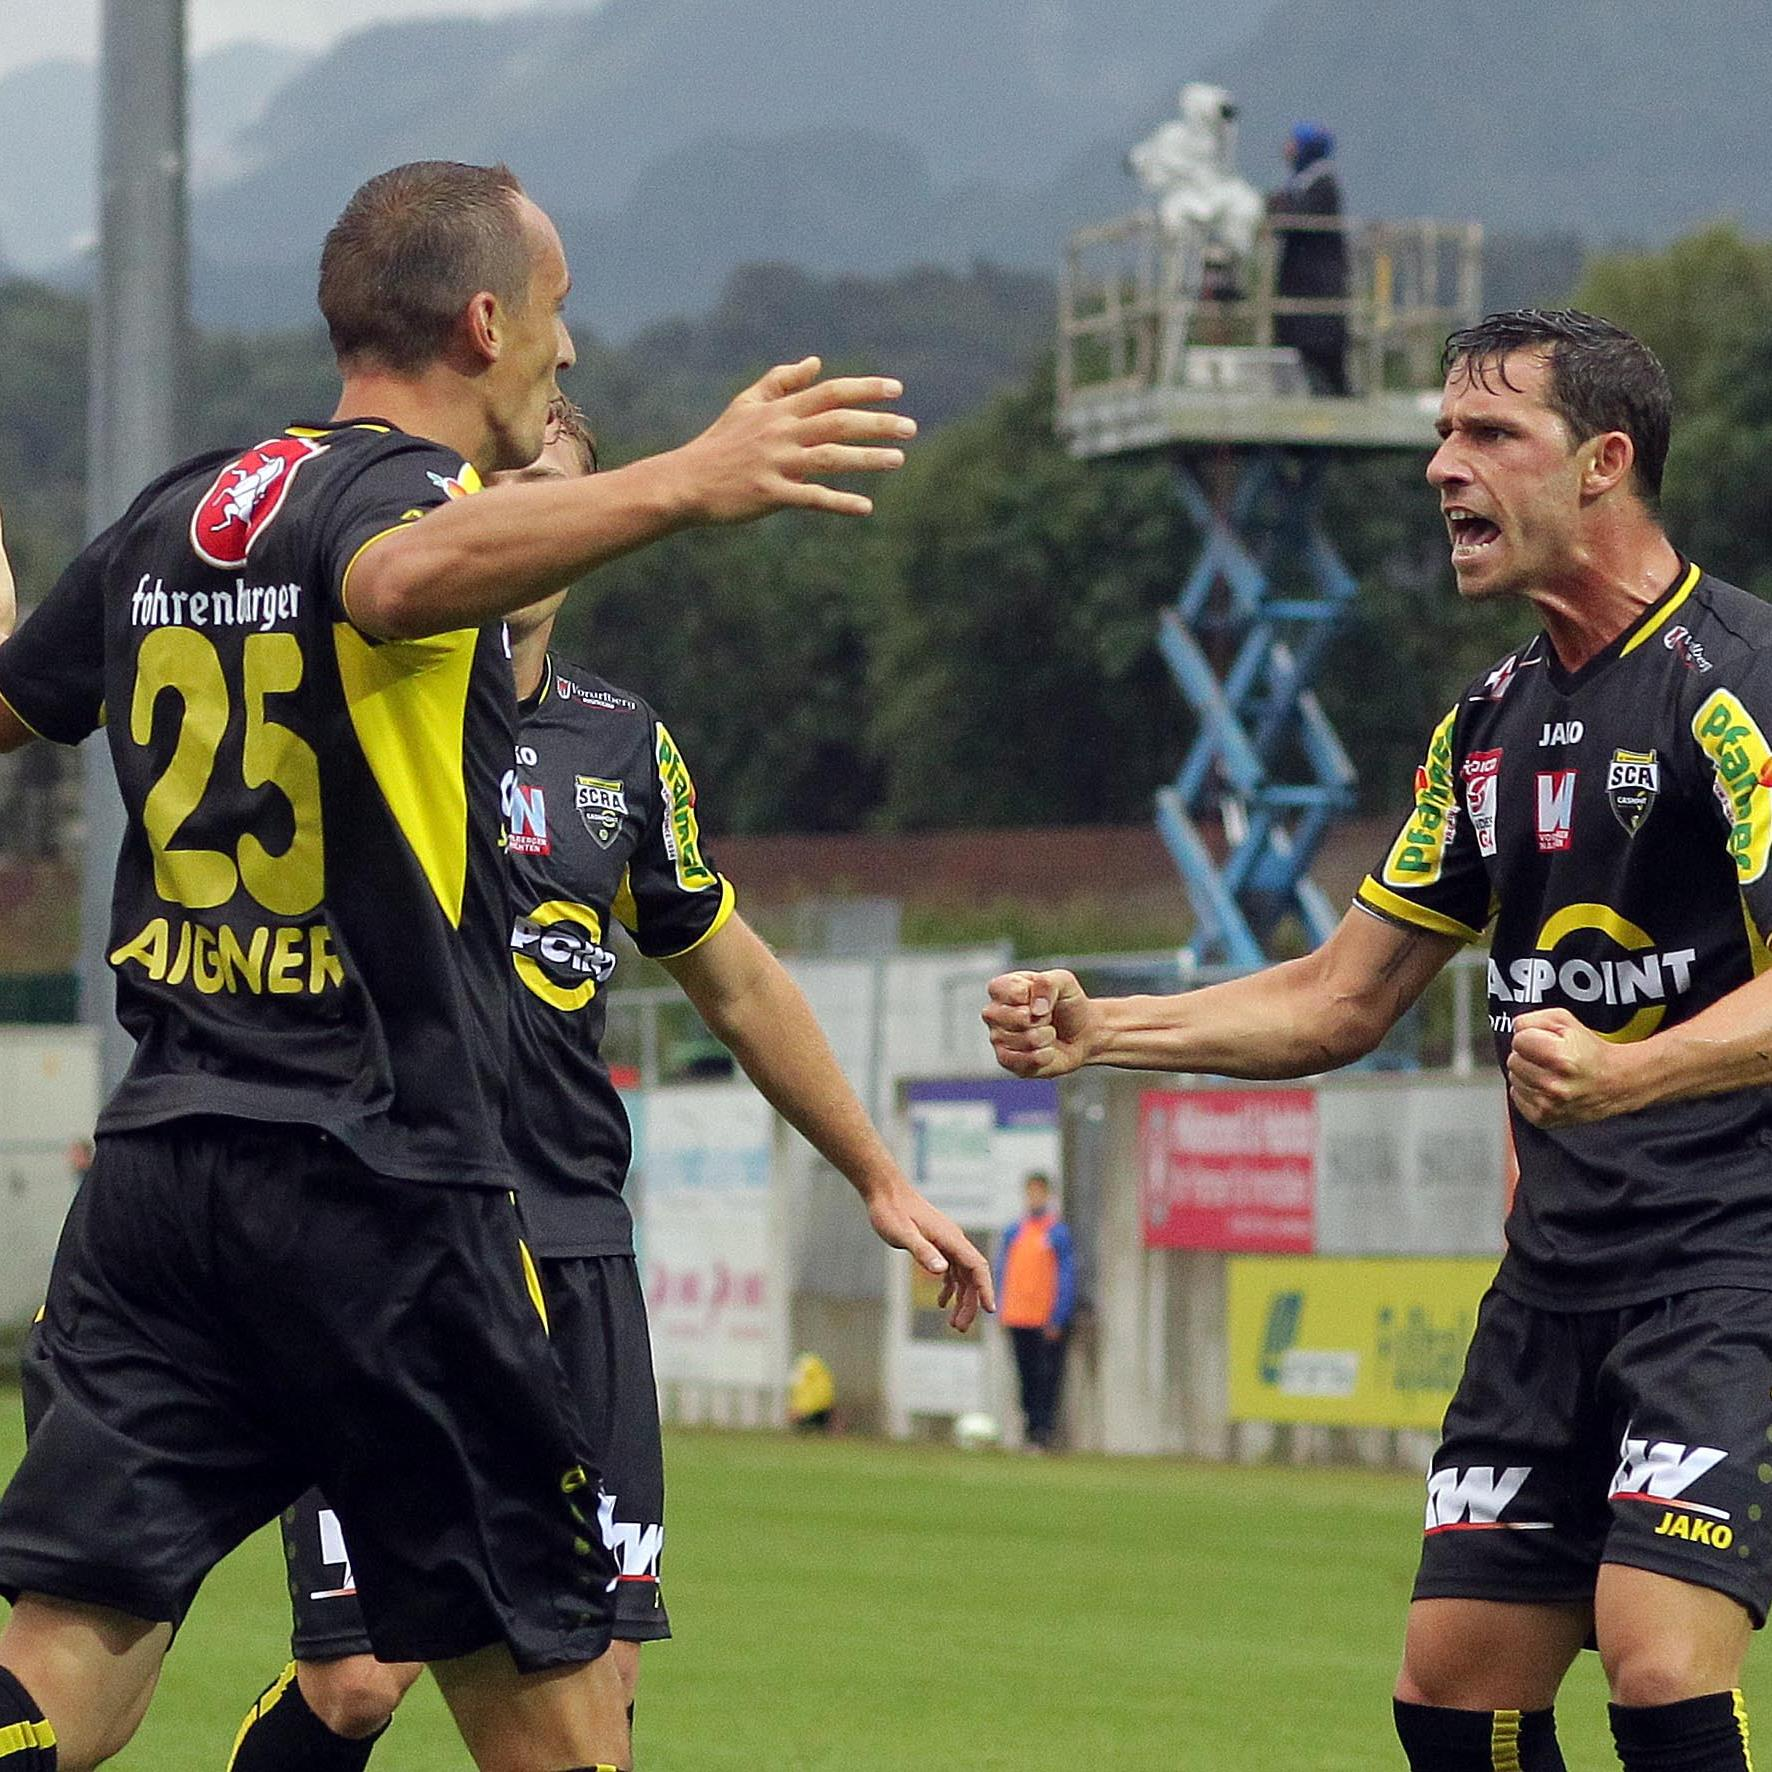 LIVE-Ticker zum Spiel SCR Altach gegen SV Mattersburg ab 20.30 Uhr.